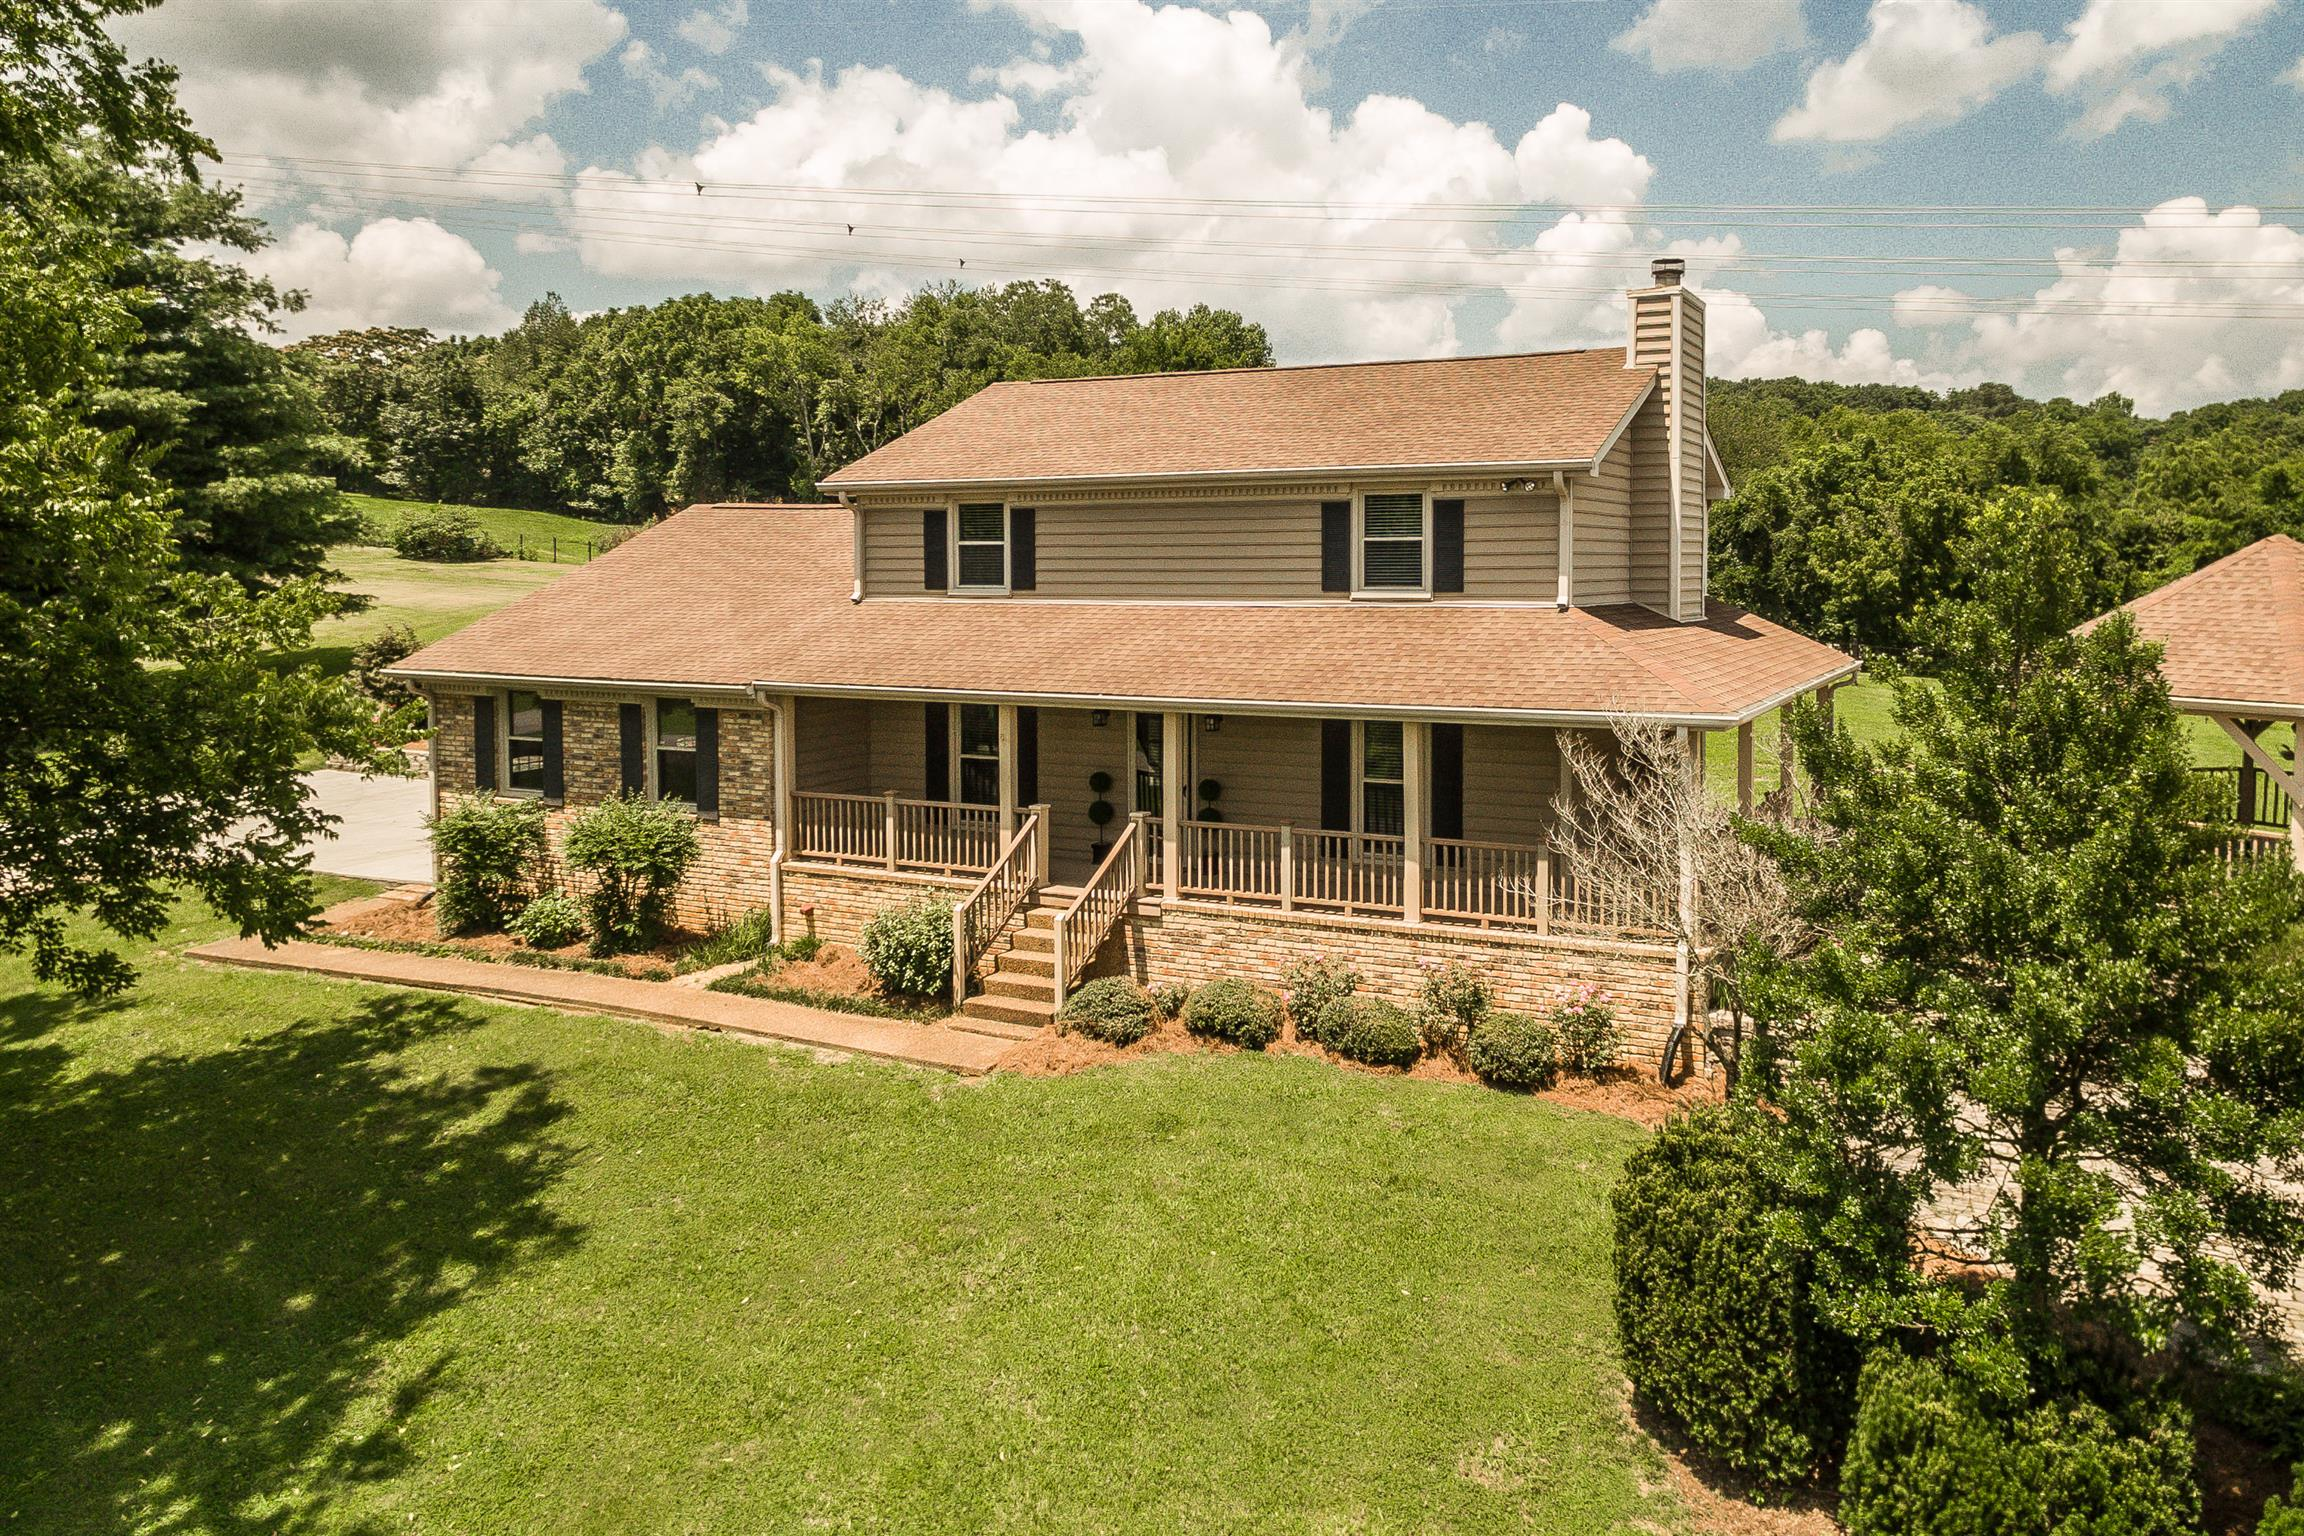 121 Ridgemar Trl, Hendersonville, TN 37075 - Hendersonville, TN real estate listing